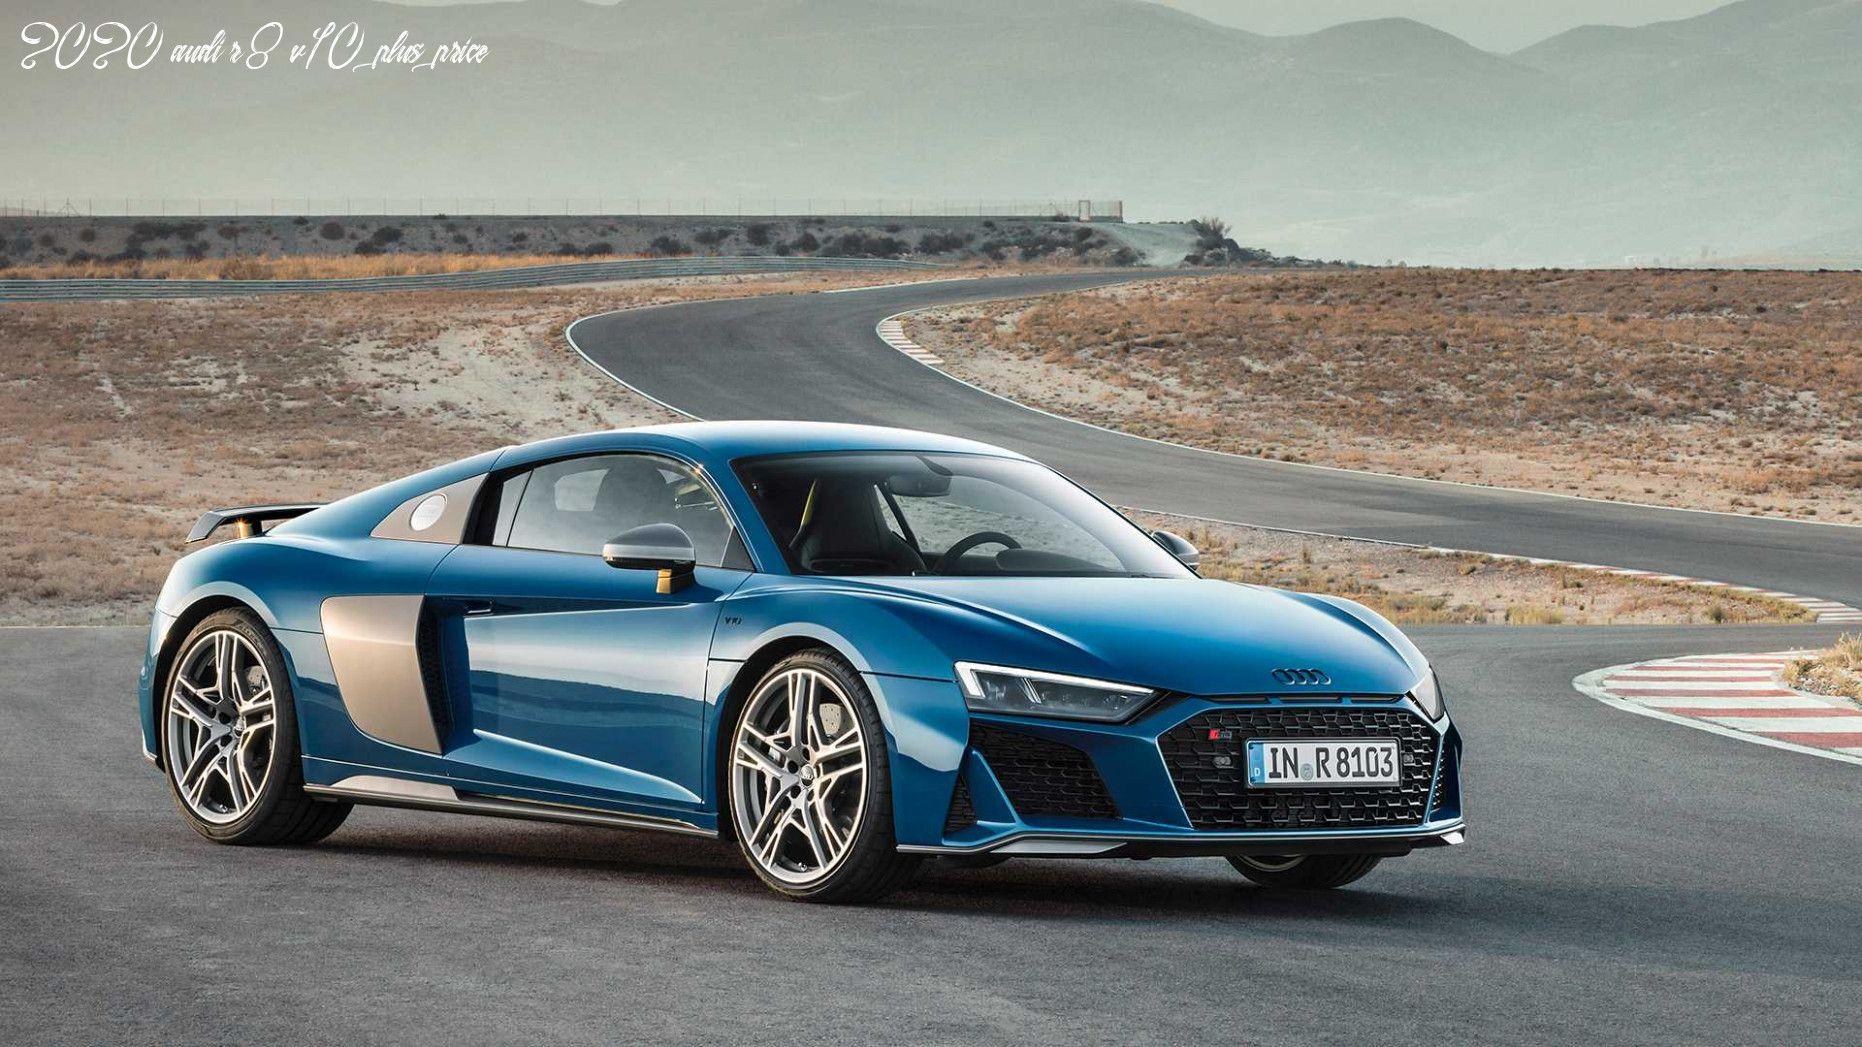 2020 Audi R8 V10 Plus Price In 2020 Audi R8 Audi R8 V10 Plus New Audi R8